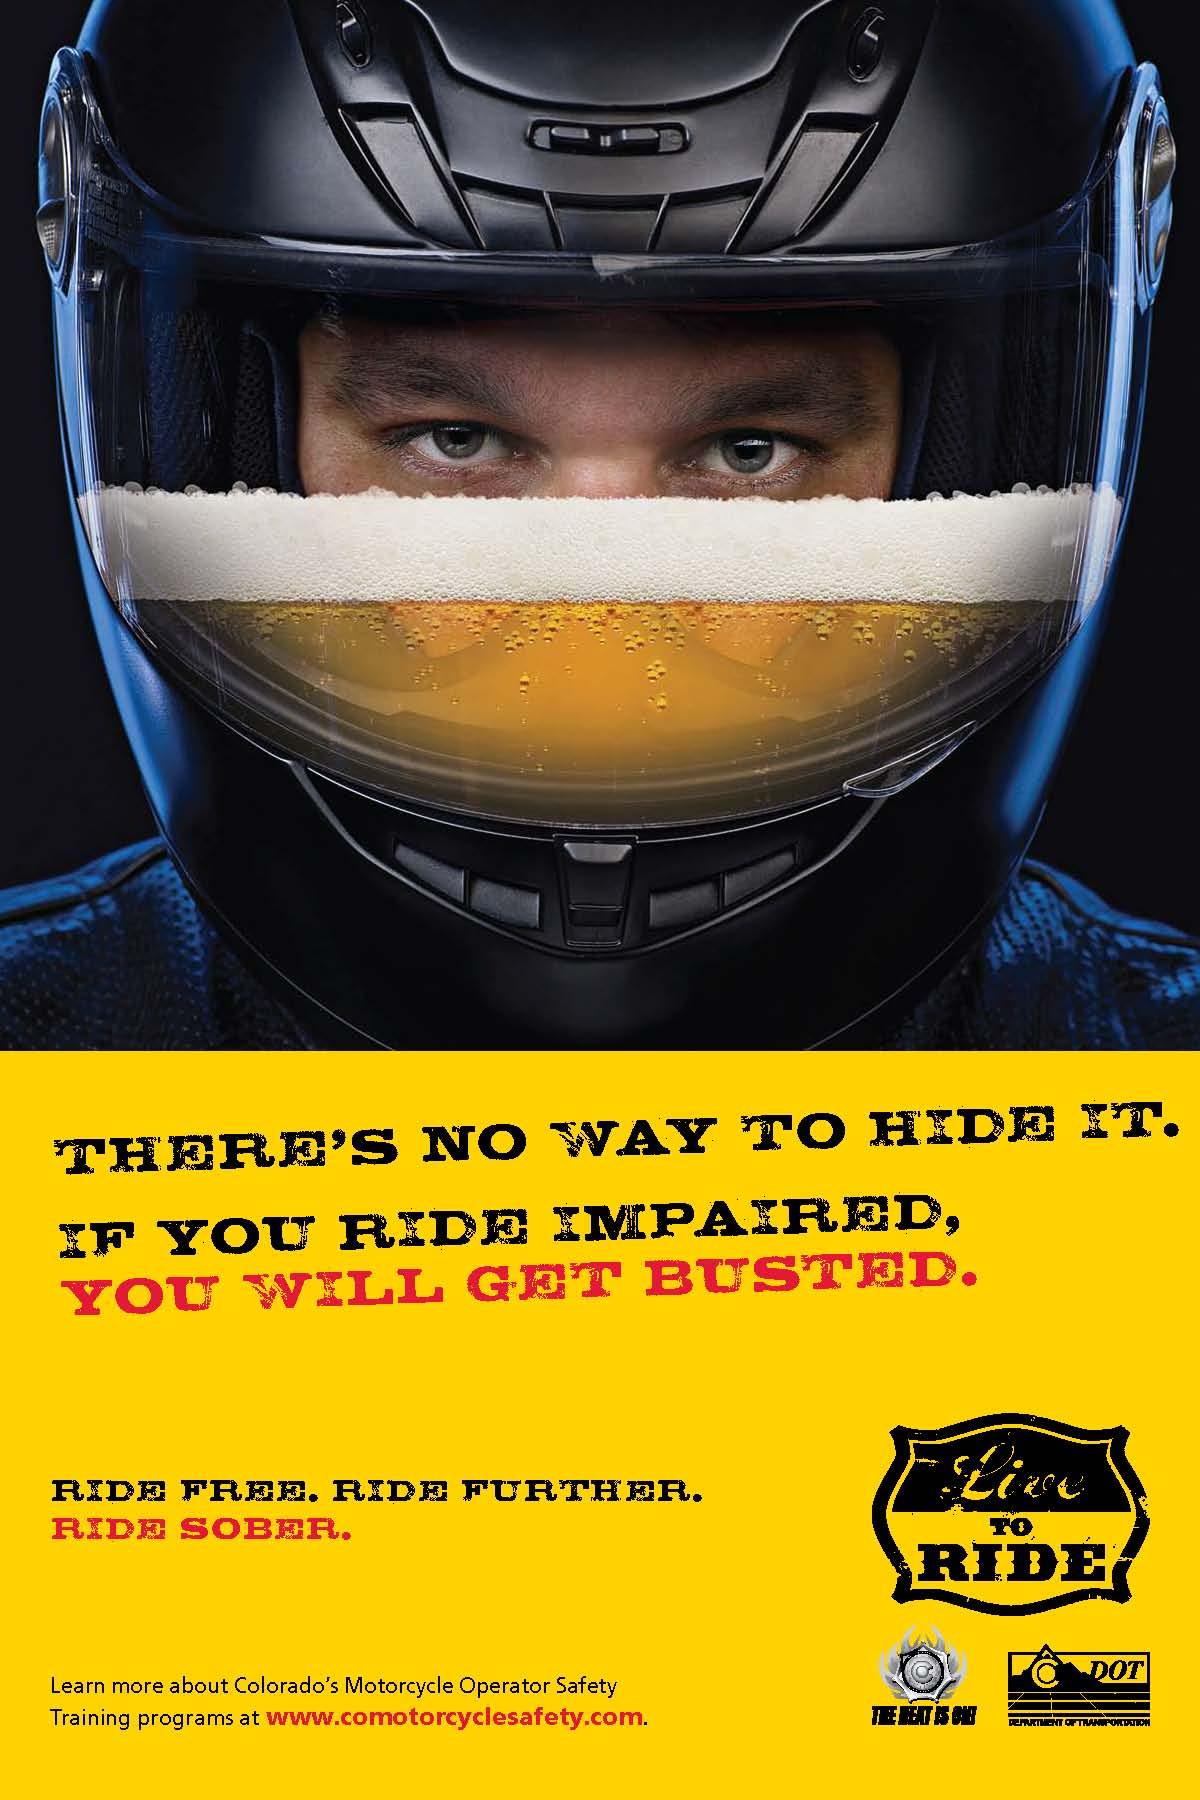 RideSober - Beer helmet detail image